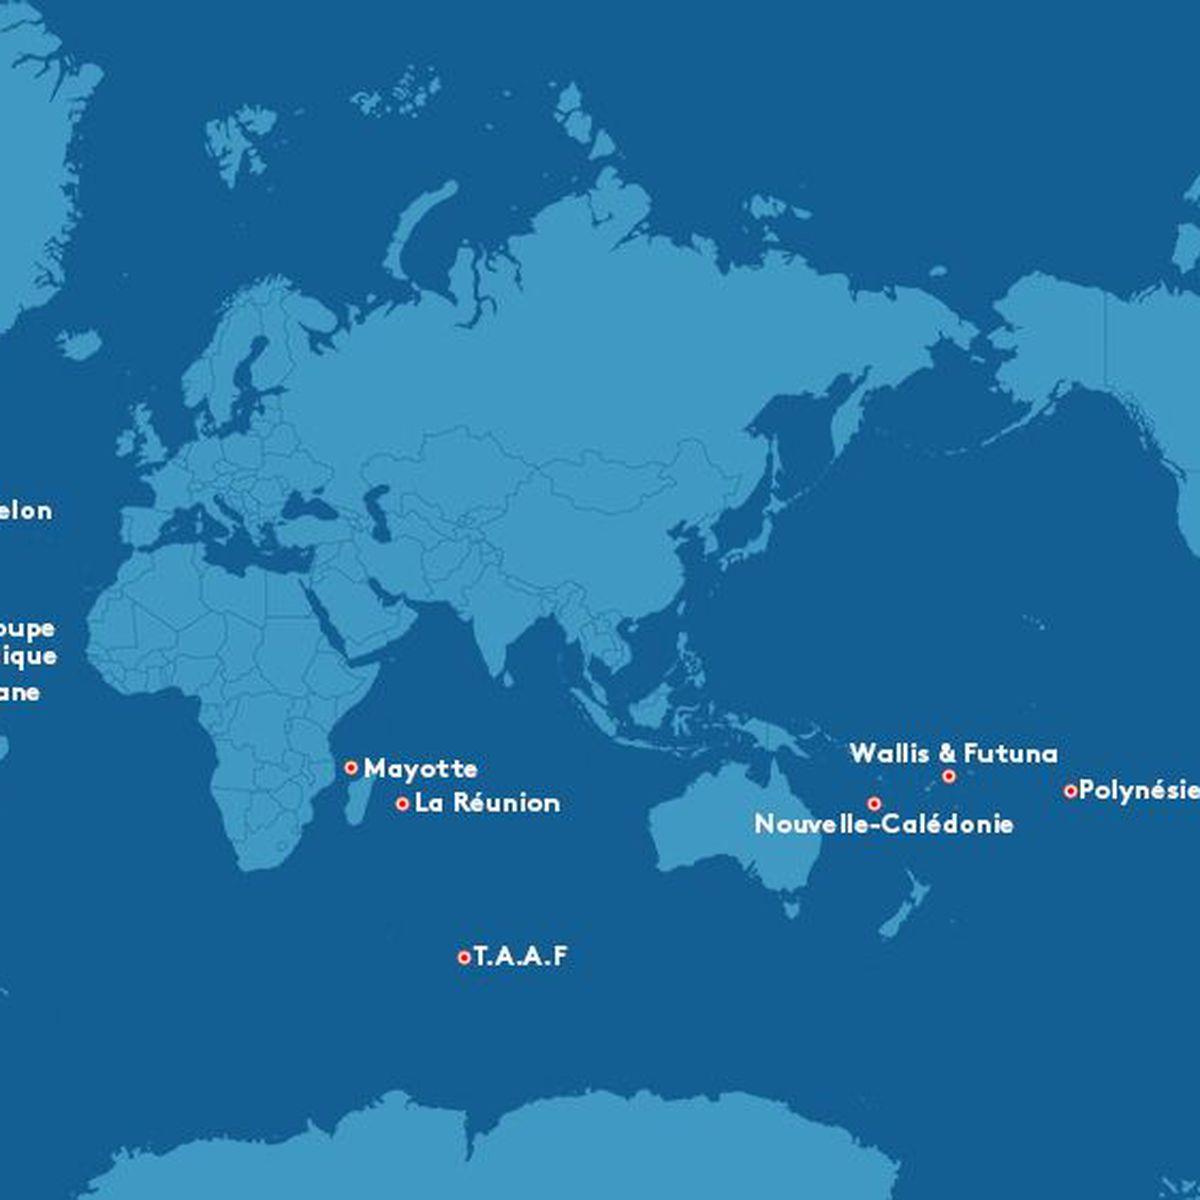 Tout Ce Que Vous Avez Toujours Voulu Savoir Sur Les Outre concernant France Territoires D Outre Mer